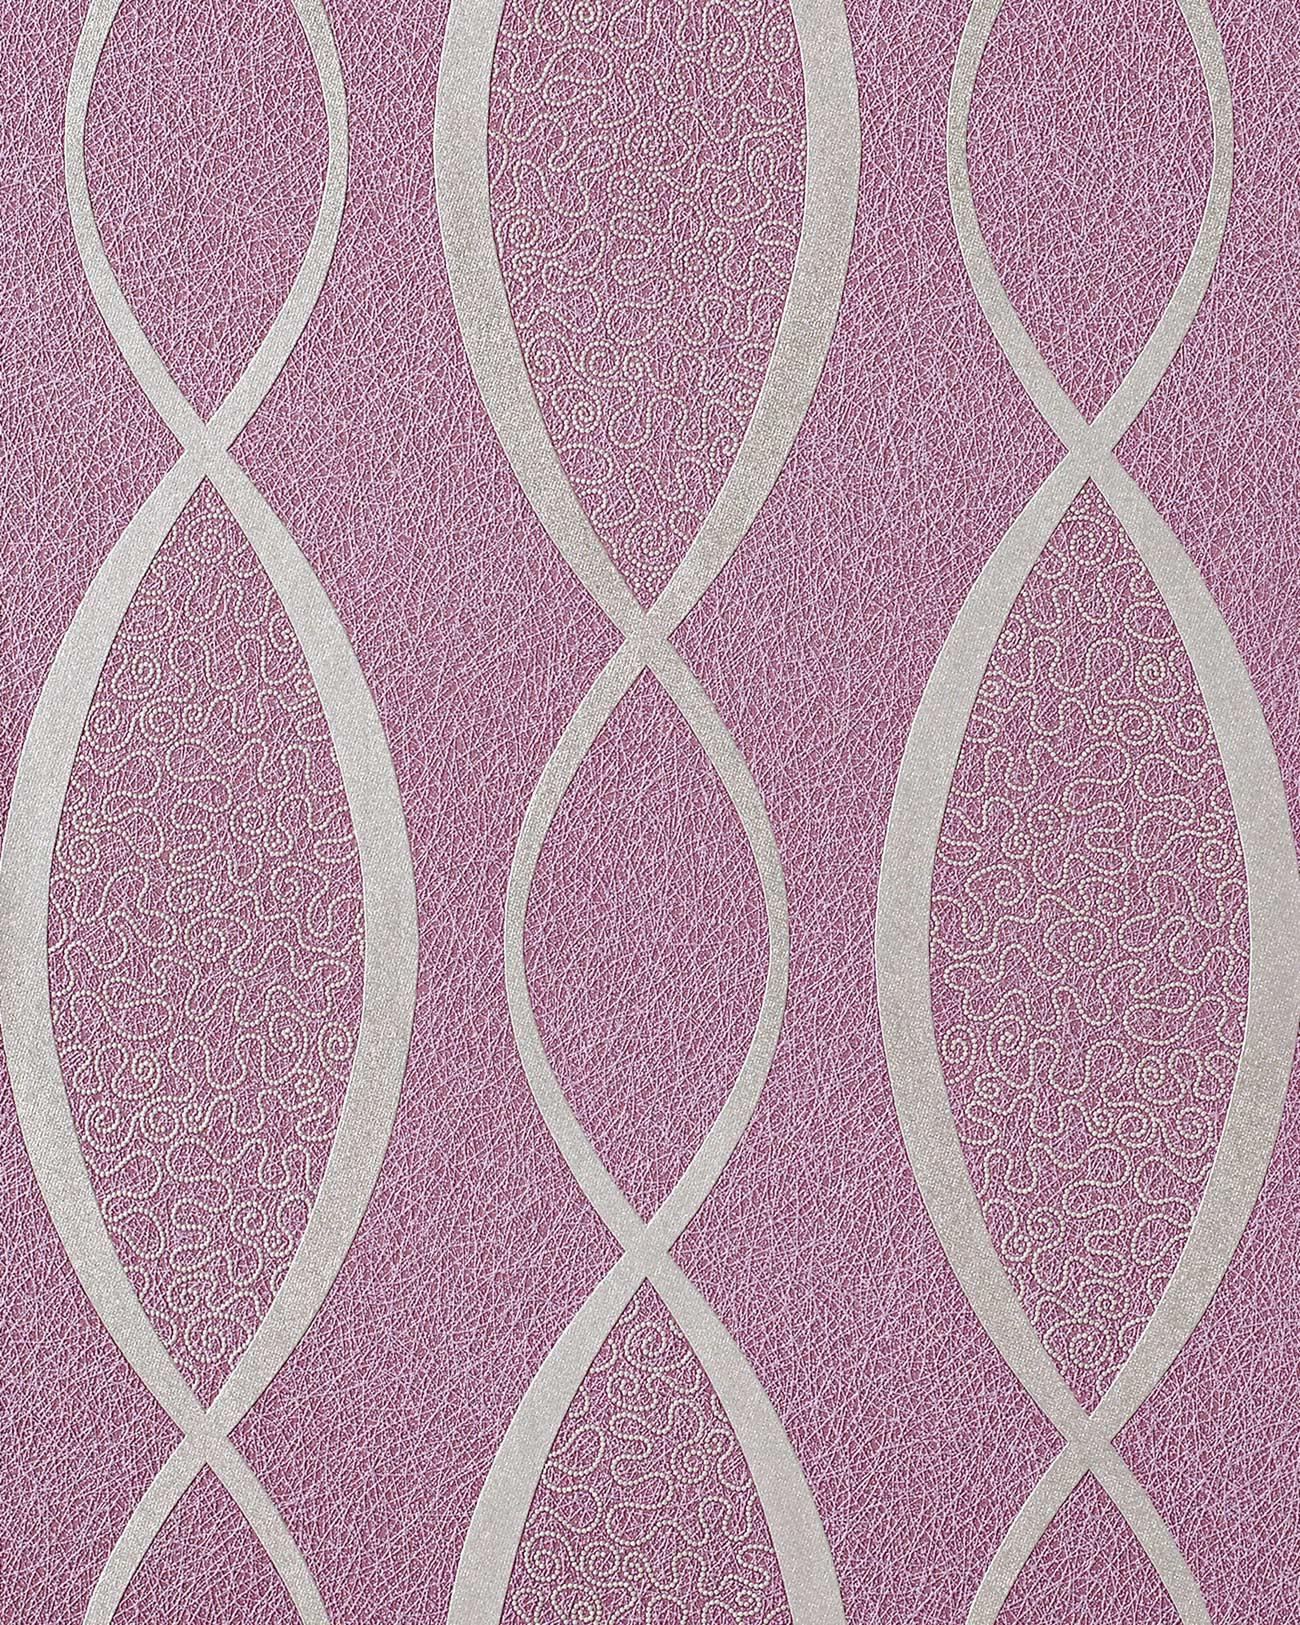 papier peint style ann es 70 avec ornements edem 1018 14. Black Bedroom Furniture Sets. Home Design Ideas